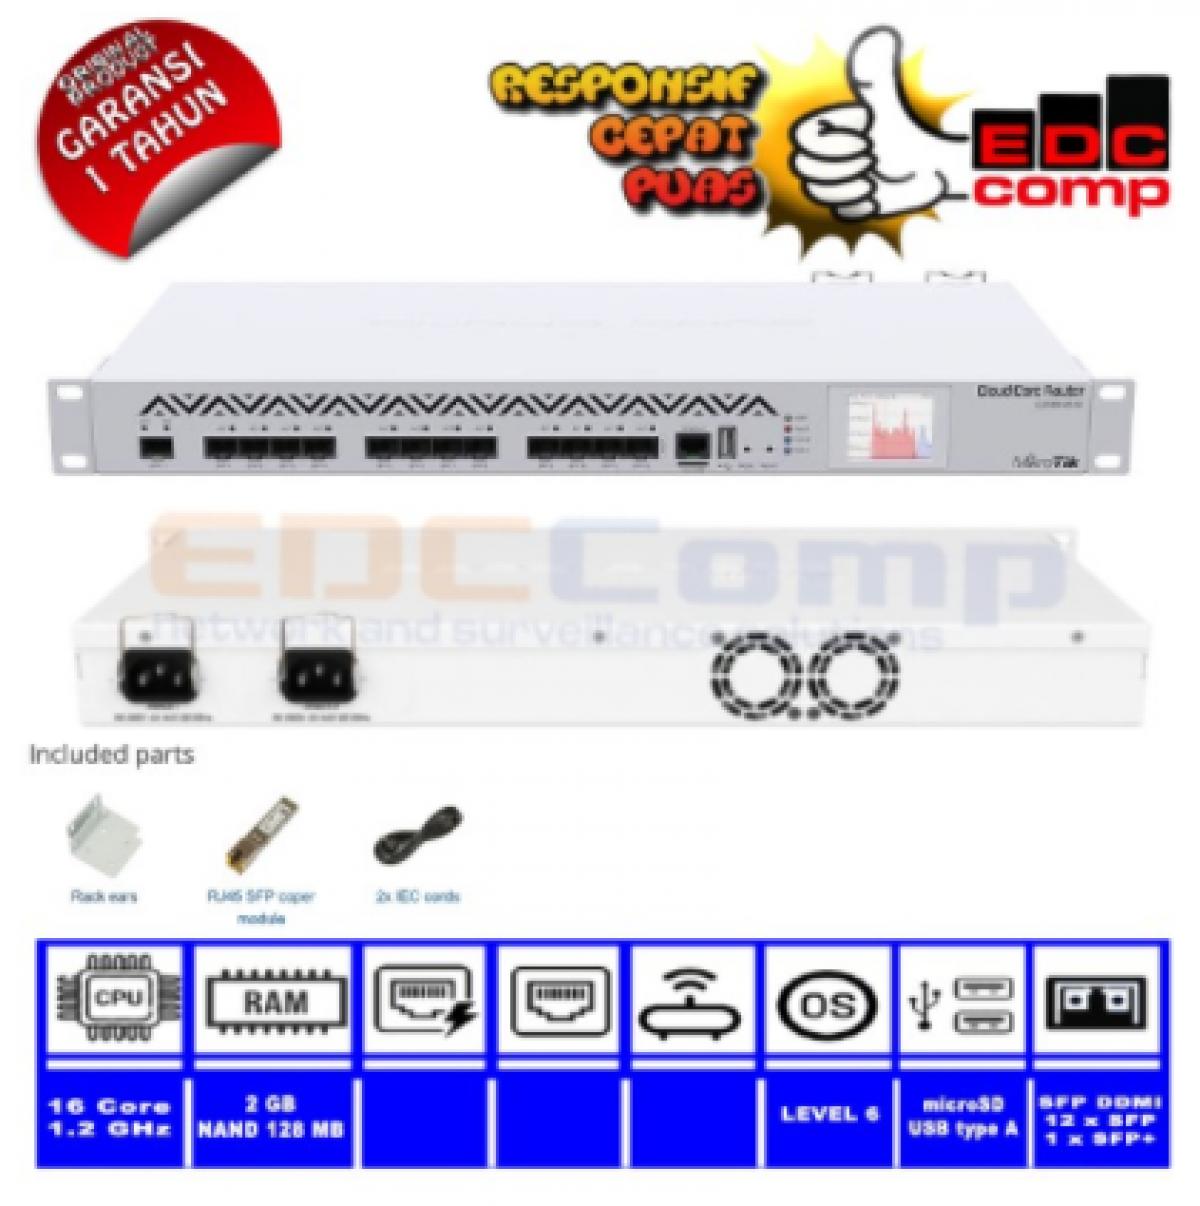 Mikrotik CCR1016-12S-1S+v2 Cloud Core Router Mikrotik - EdcComp